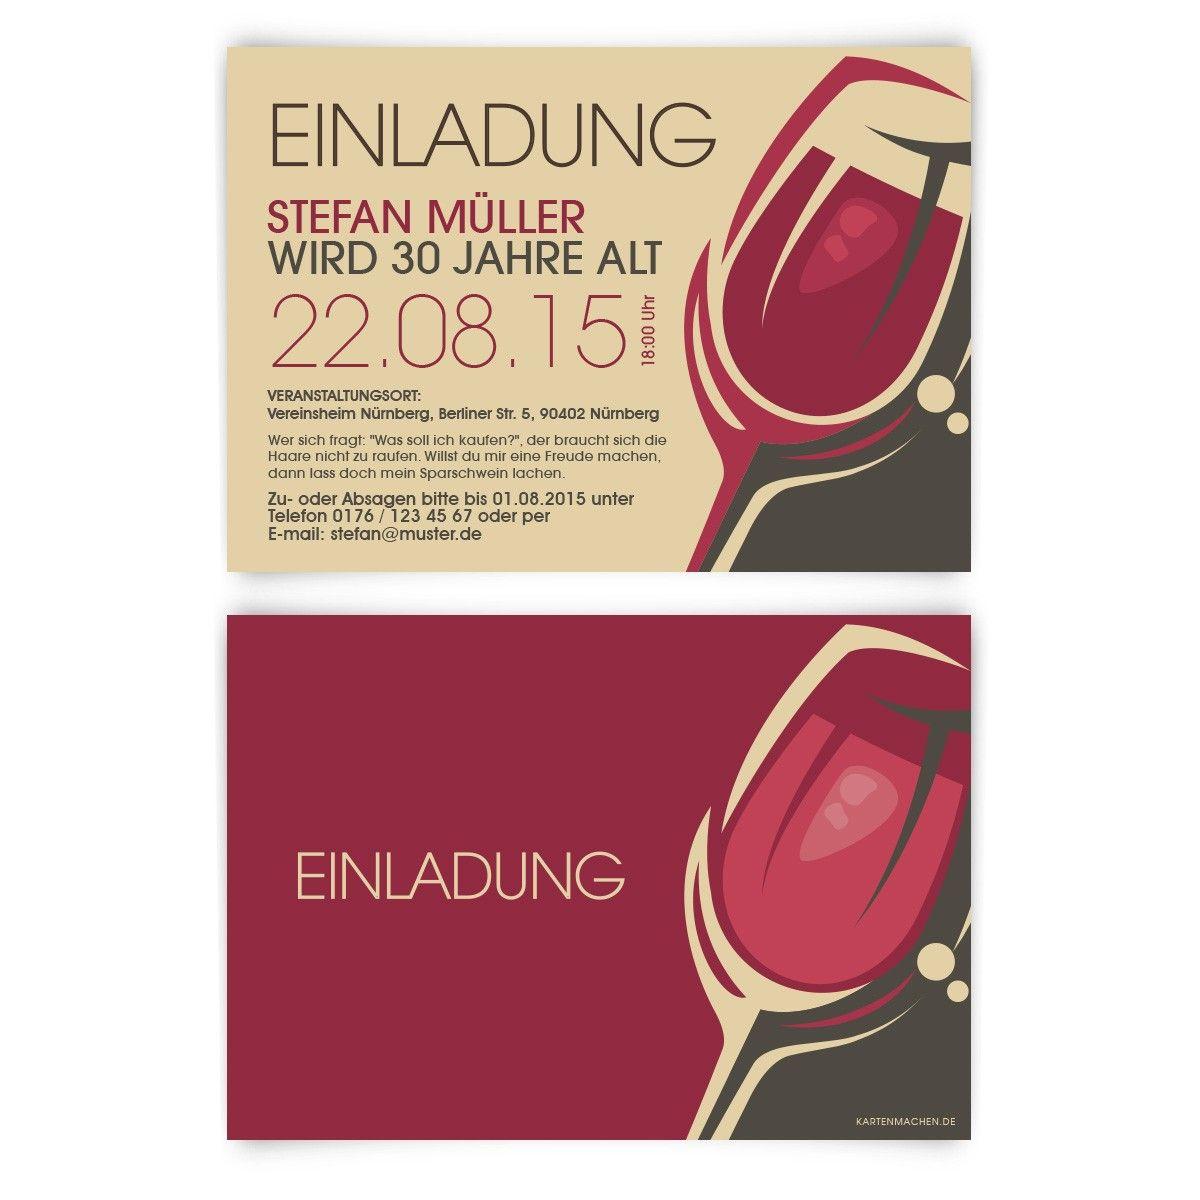 einladungskarten - rotwein | einladungen, einladungskarten